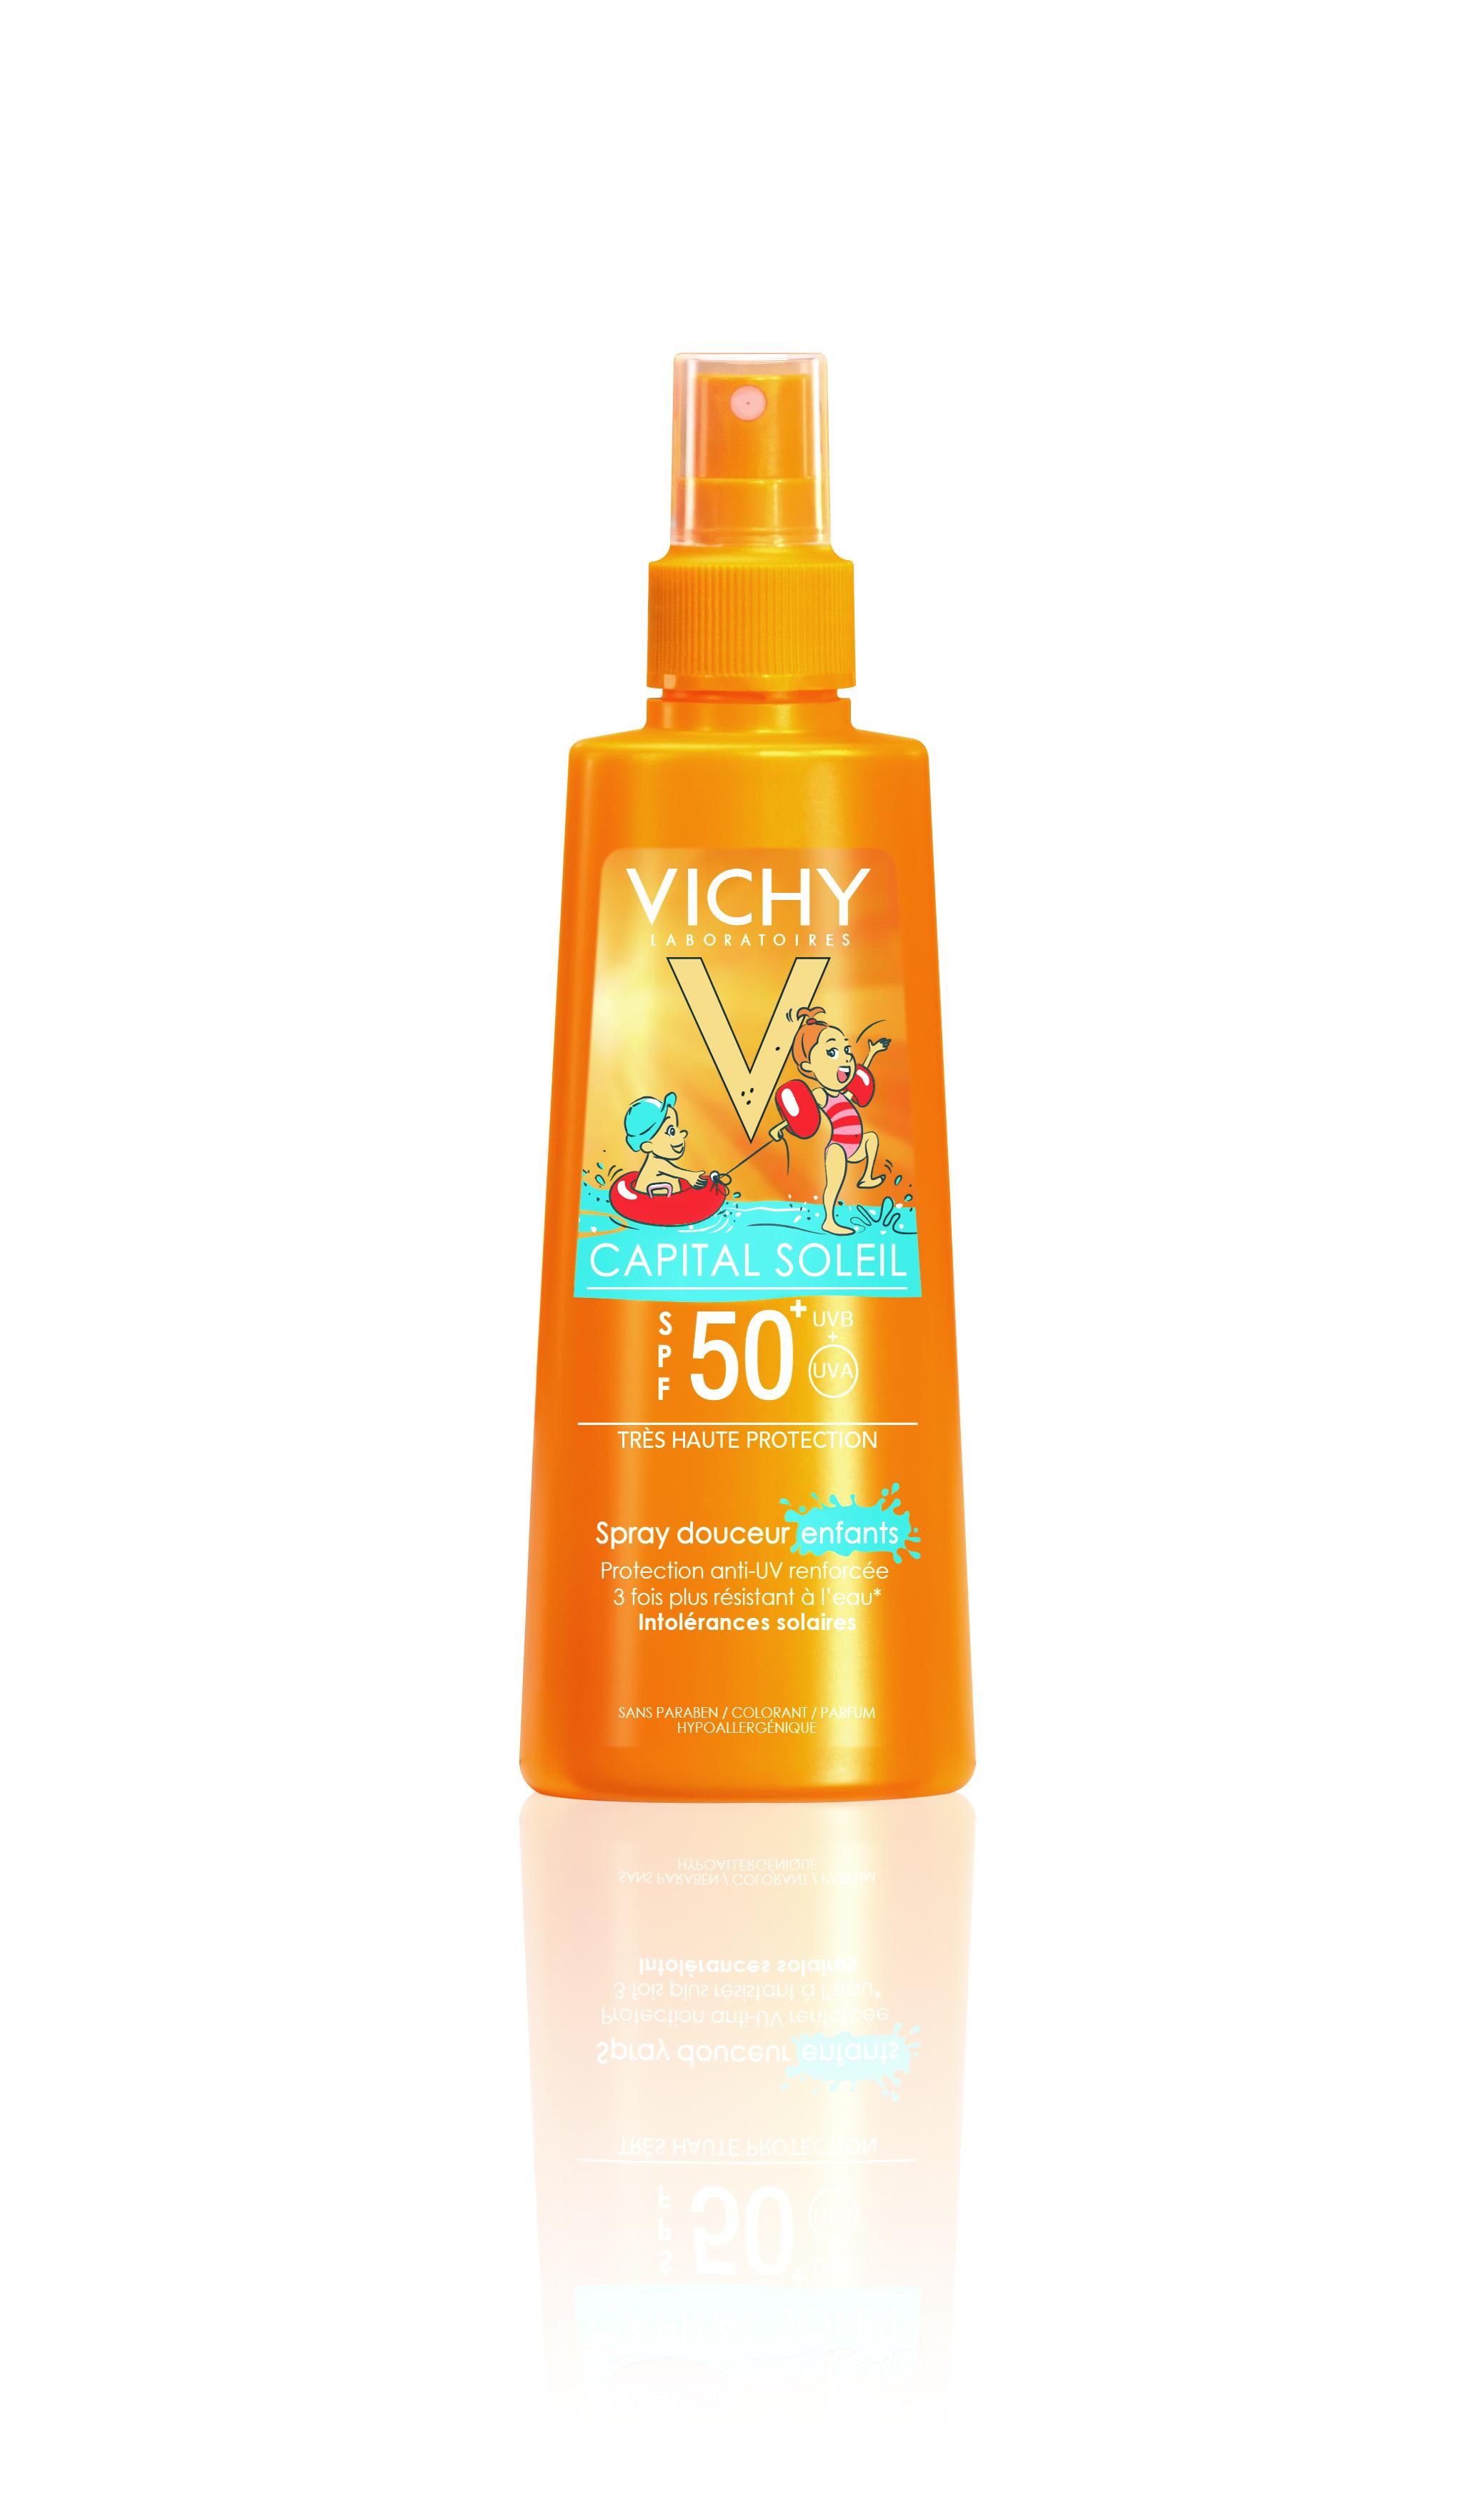 VICHY CS kids spray SPF 50+ Ambiance Capital Soleil super pena SPF 50: Visoka zaštita za osetljivu dečiju kožu